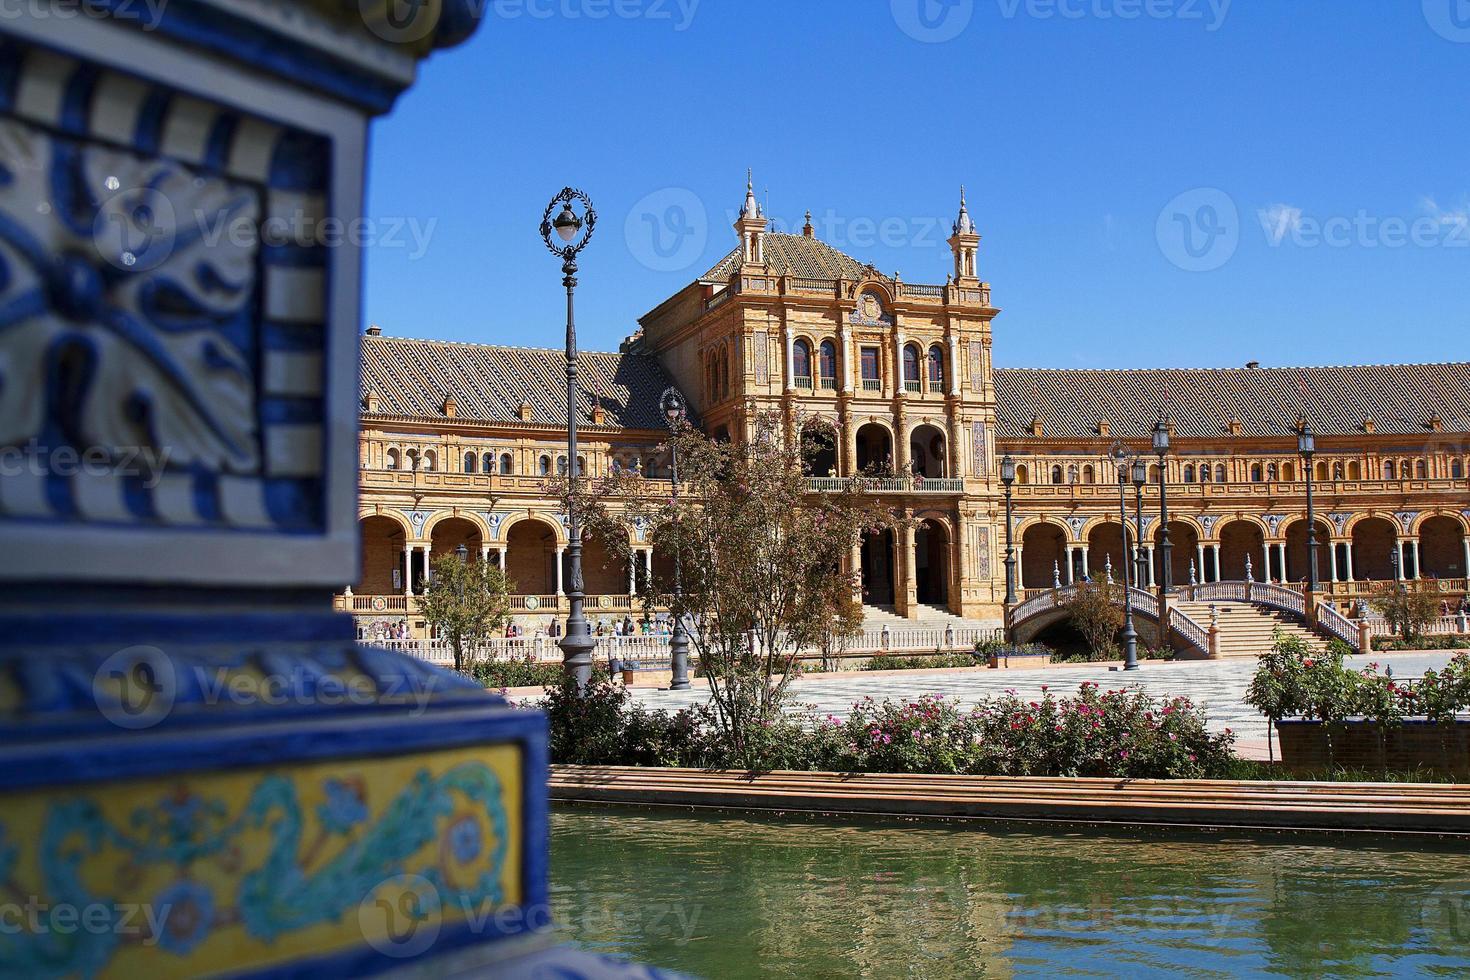 palazzo e ceramiche in plaza de españa, siviglia. foto